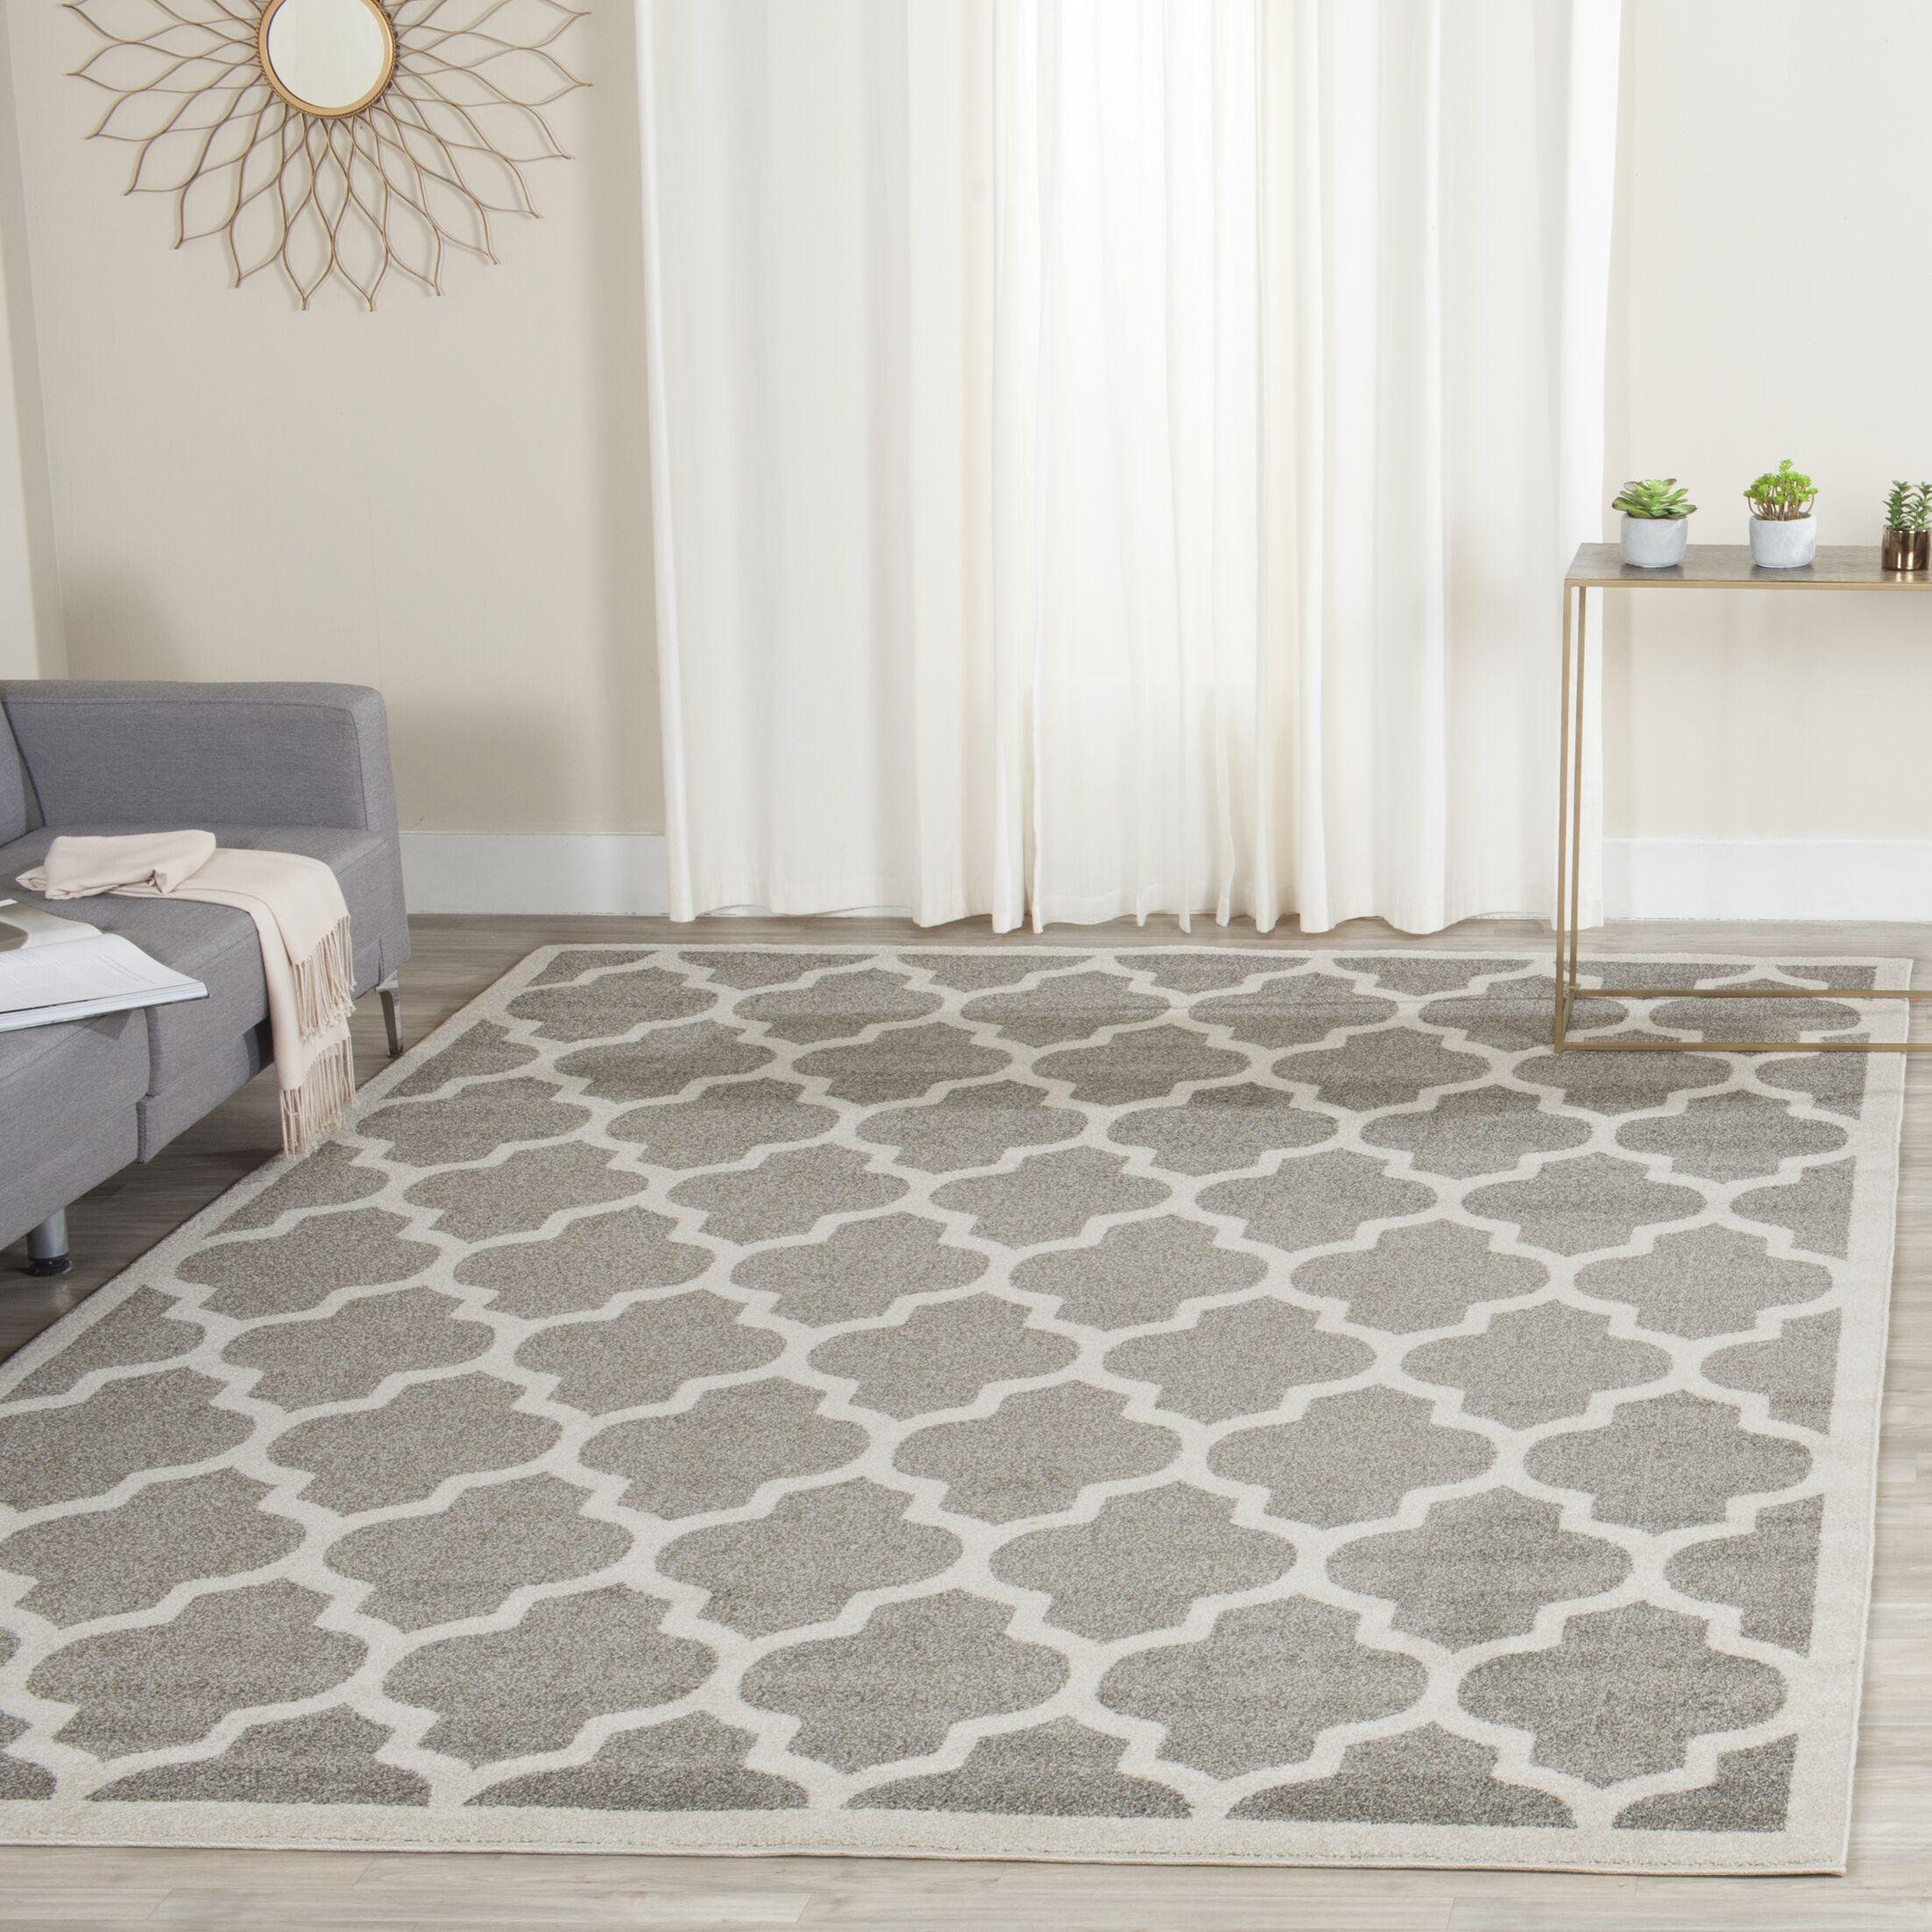 Maritza Trellis Dark Grey/Beige Area Rug Rug Size: Rectangle 8' x 10'